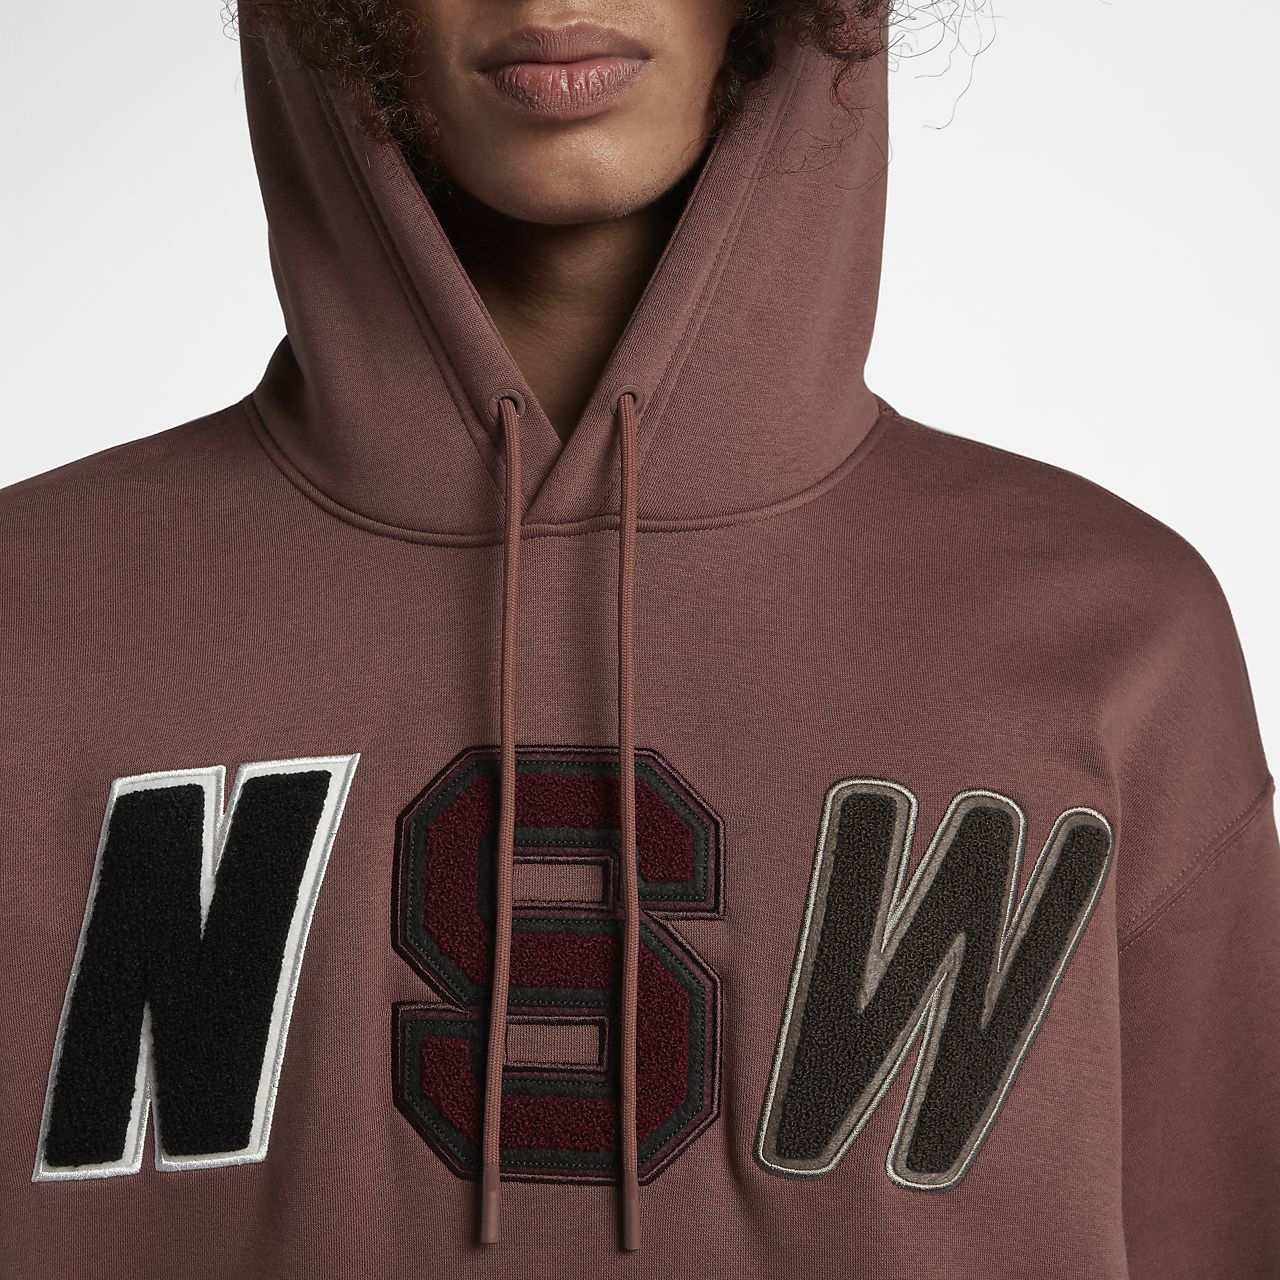 fuerte embalaje baratas para la venta comprar Sudadera con capucha de vellón de ajuste suelto para hombre Nike Sportswear  NSW